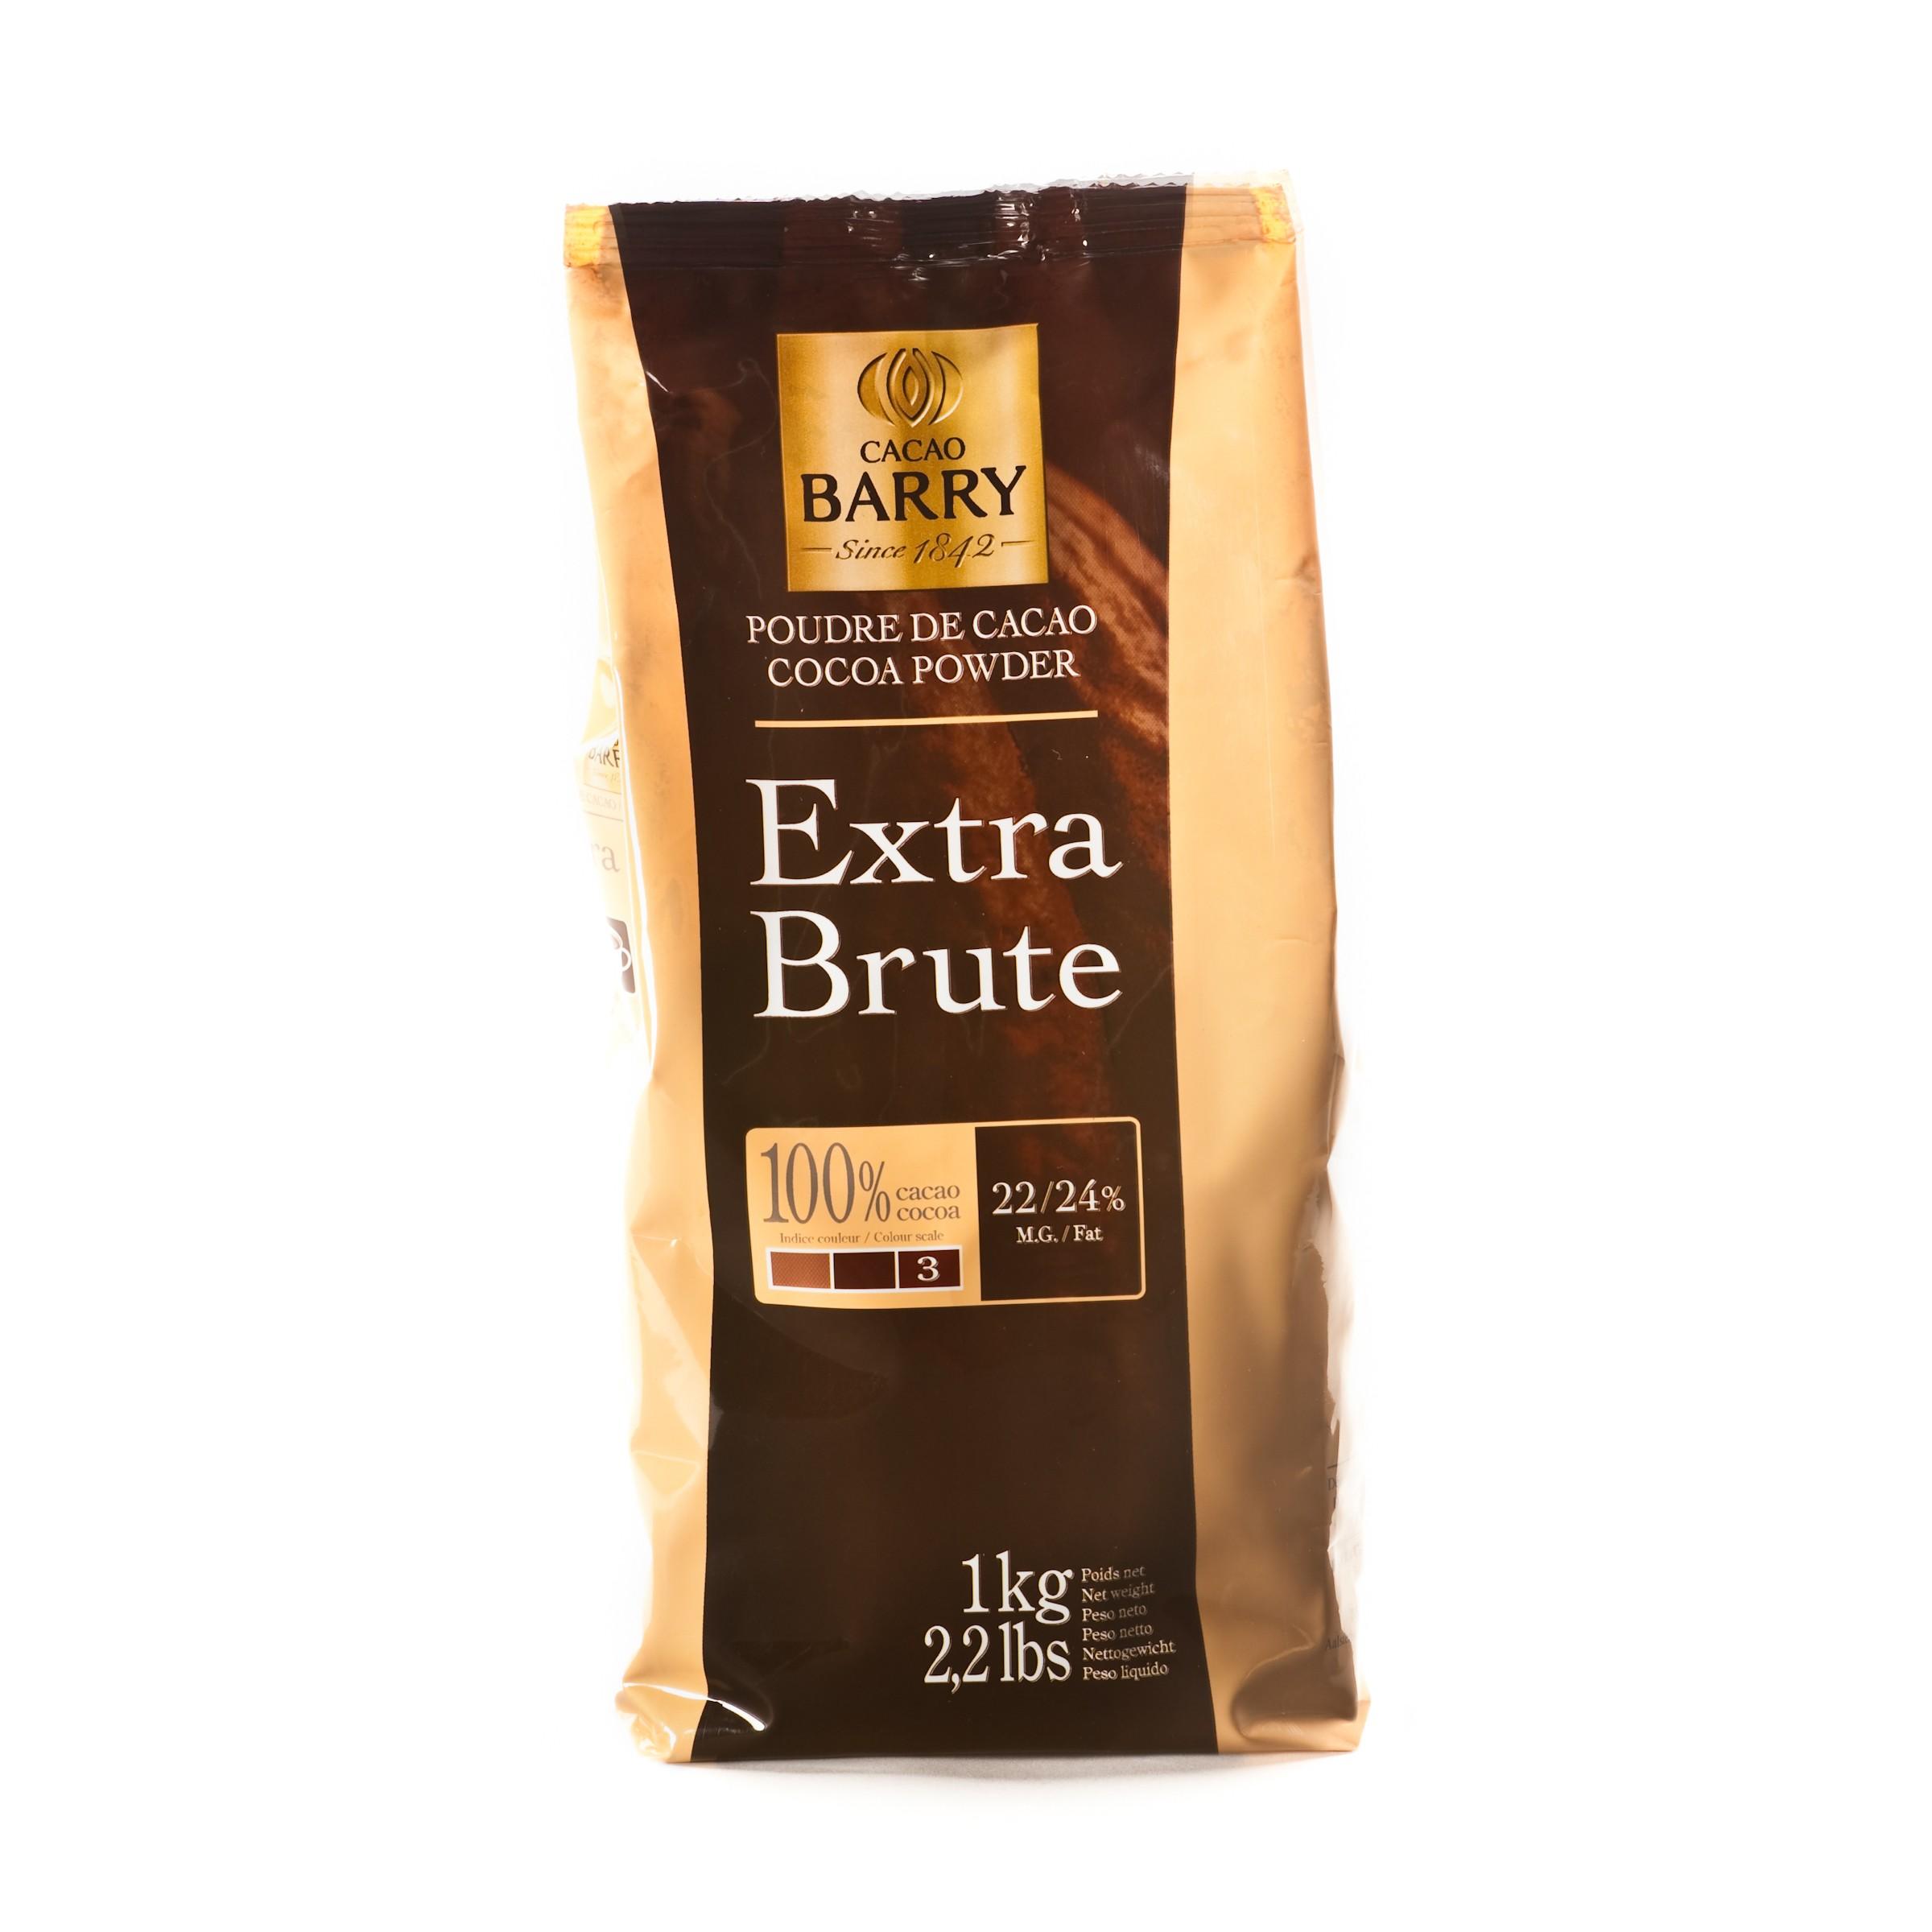 Cacao barry powder Extra Brute 1Kg